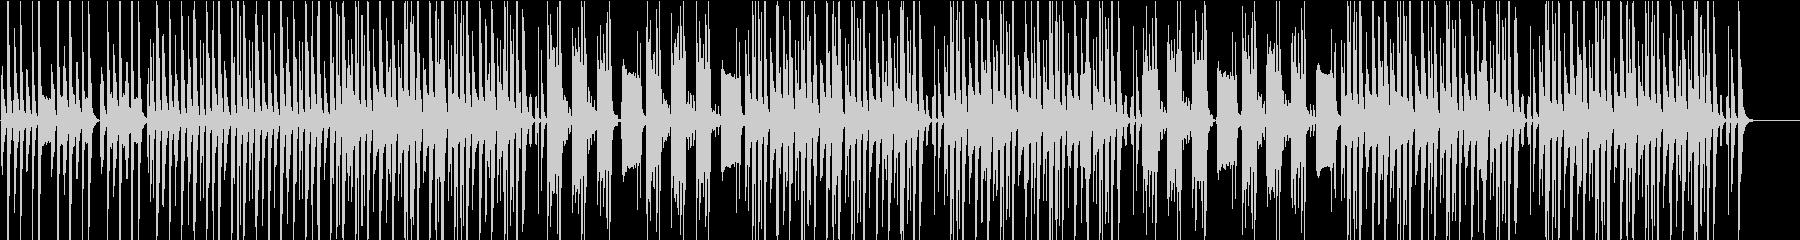 コミカル・ほのぼの・動物ハプニング映像の未再生の波形